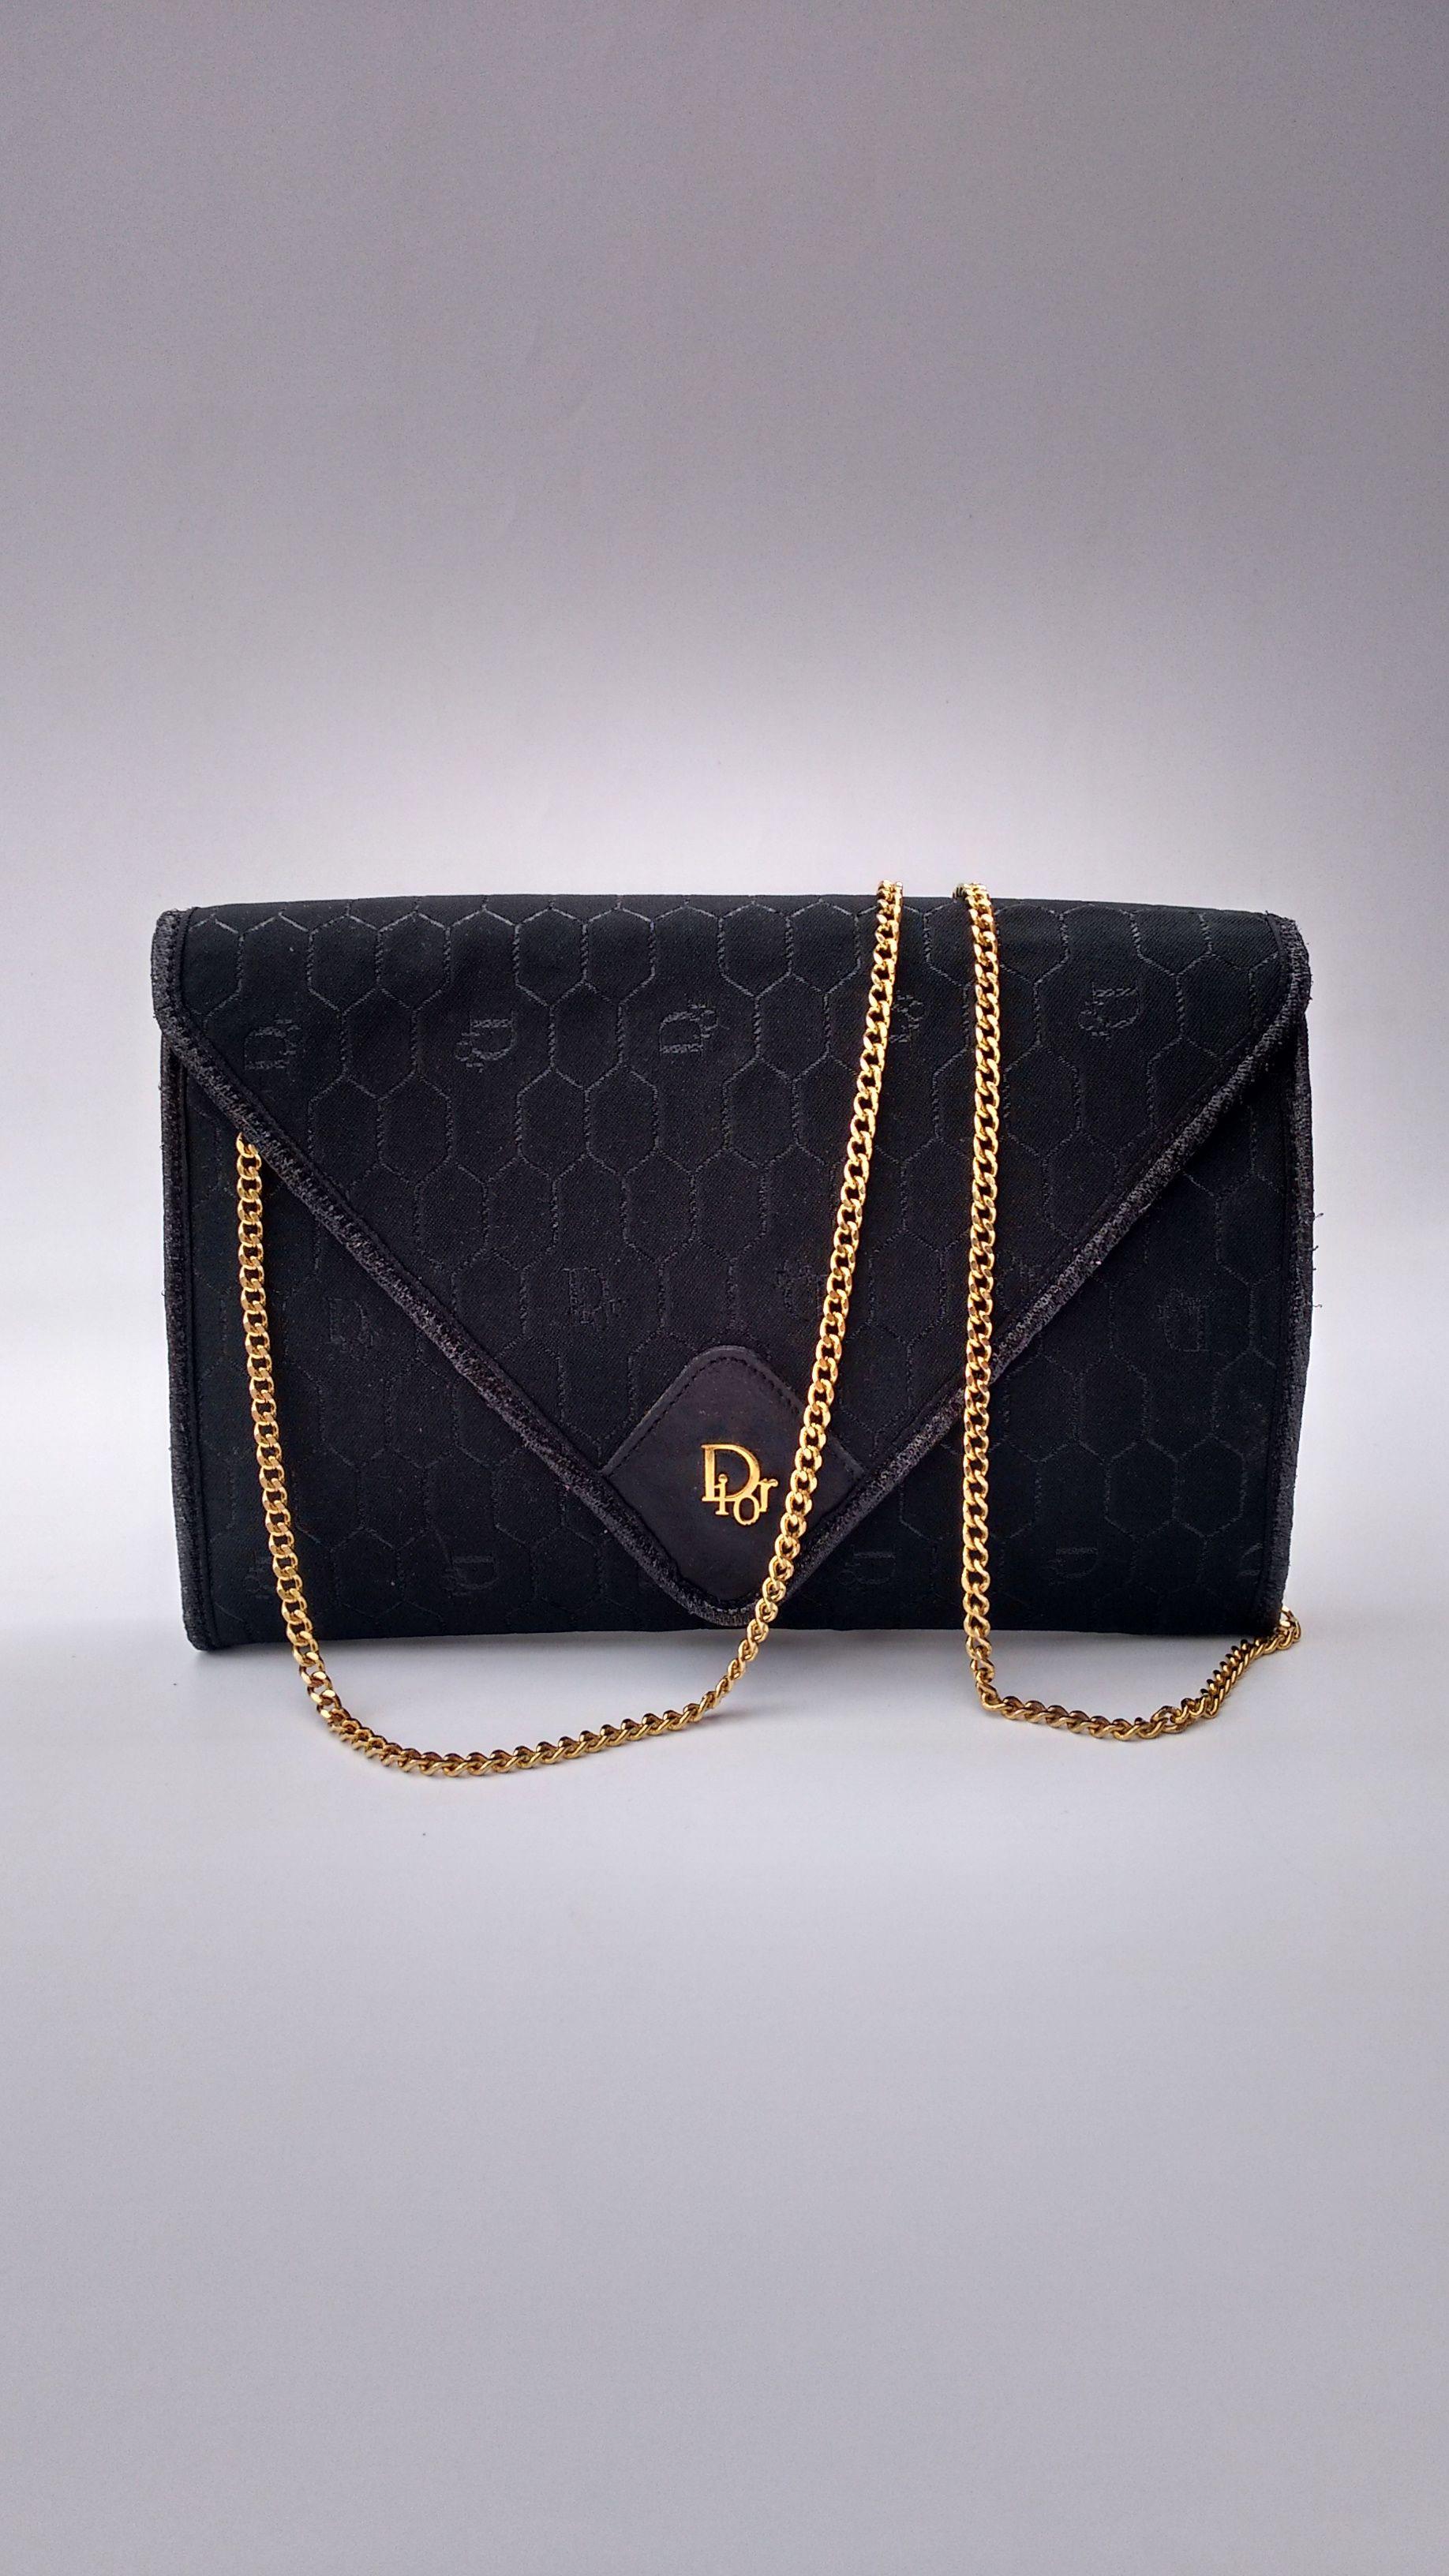 DIOR Christian Dior Vintage Black Monogrammed Shoulder   Crossbody Bag.  French designer purse. 9cddd8333f